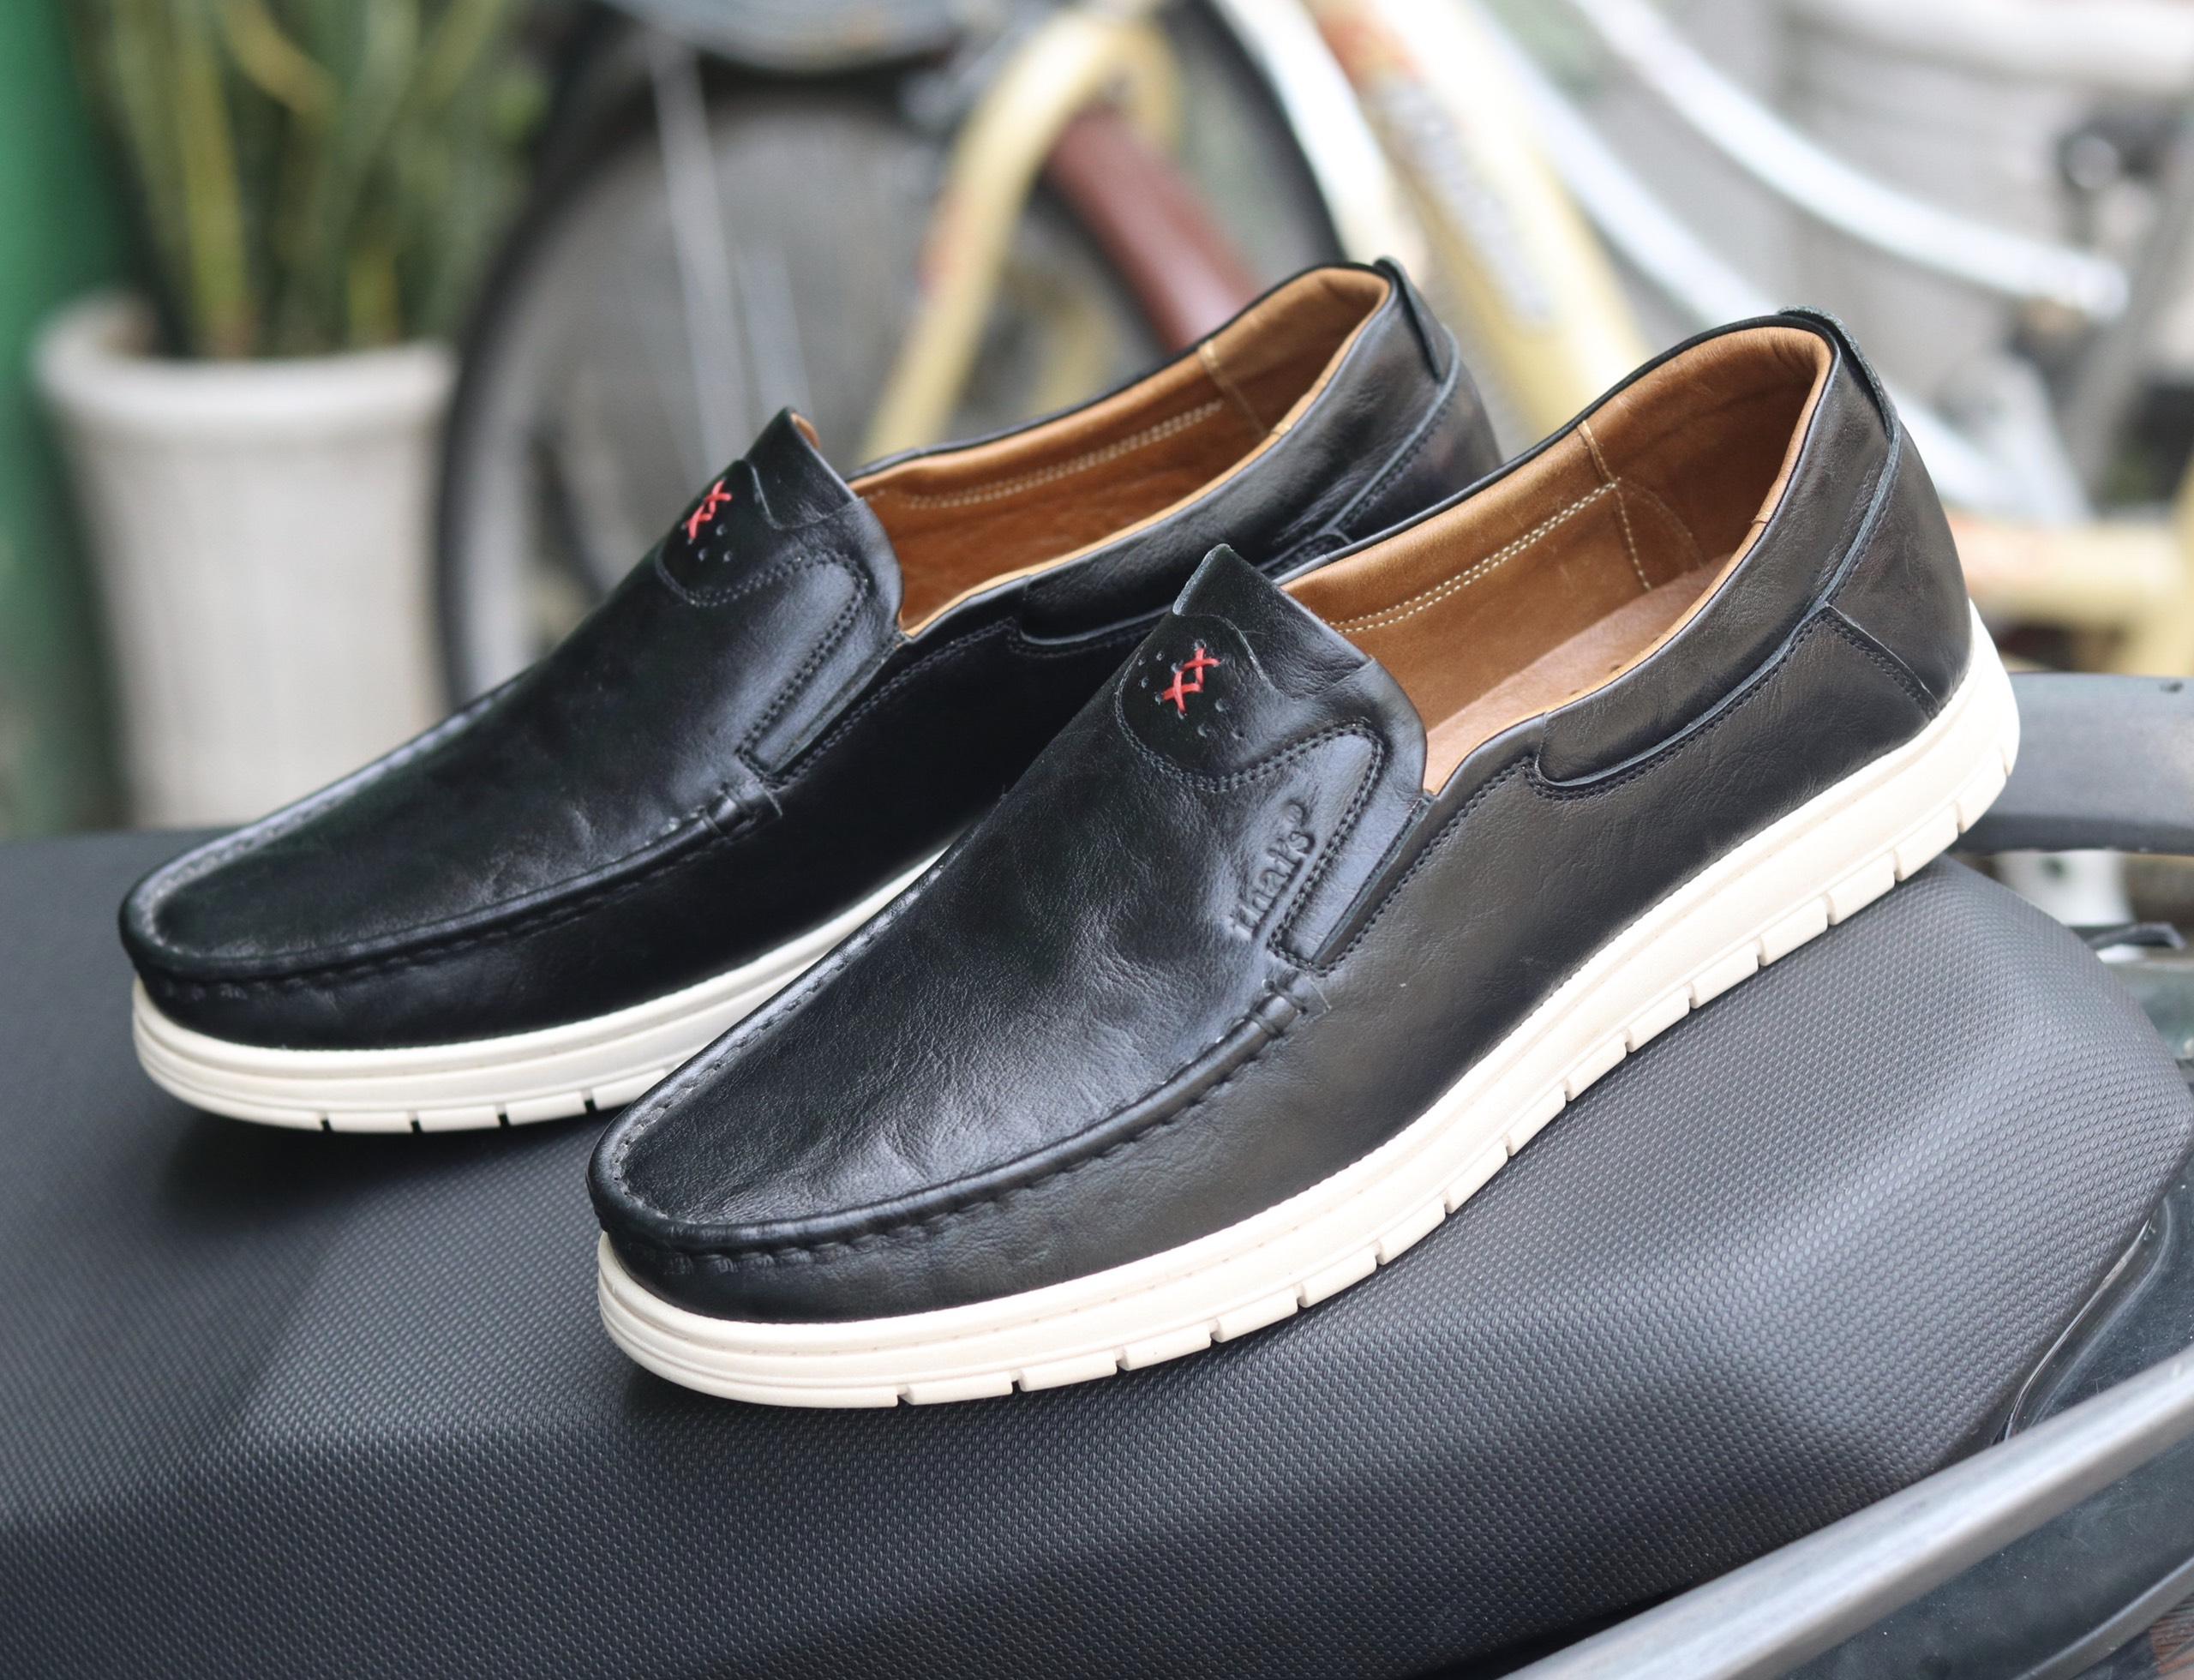 Giày lười da Thái Lan đẹp sang trọng TH04 (Ảnh 5)